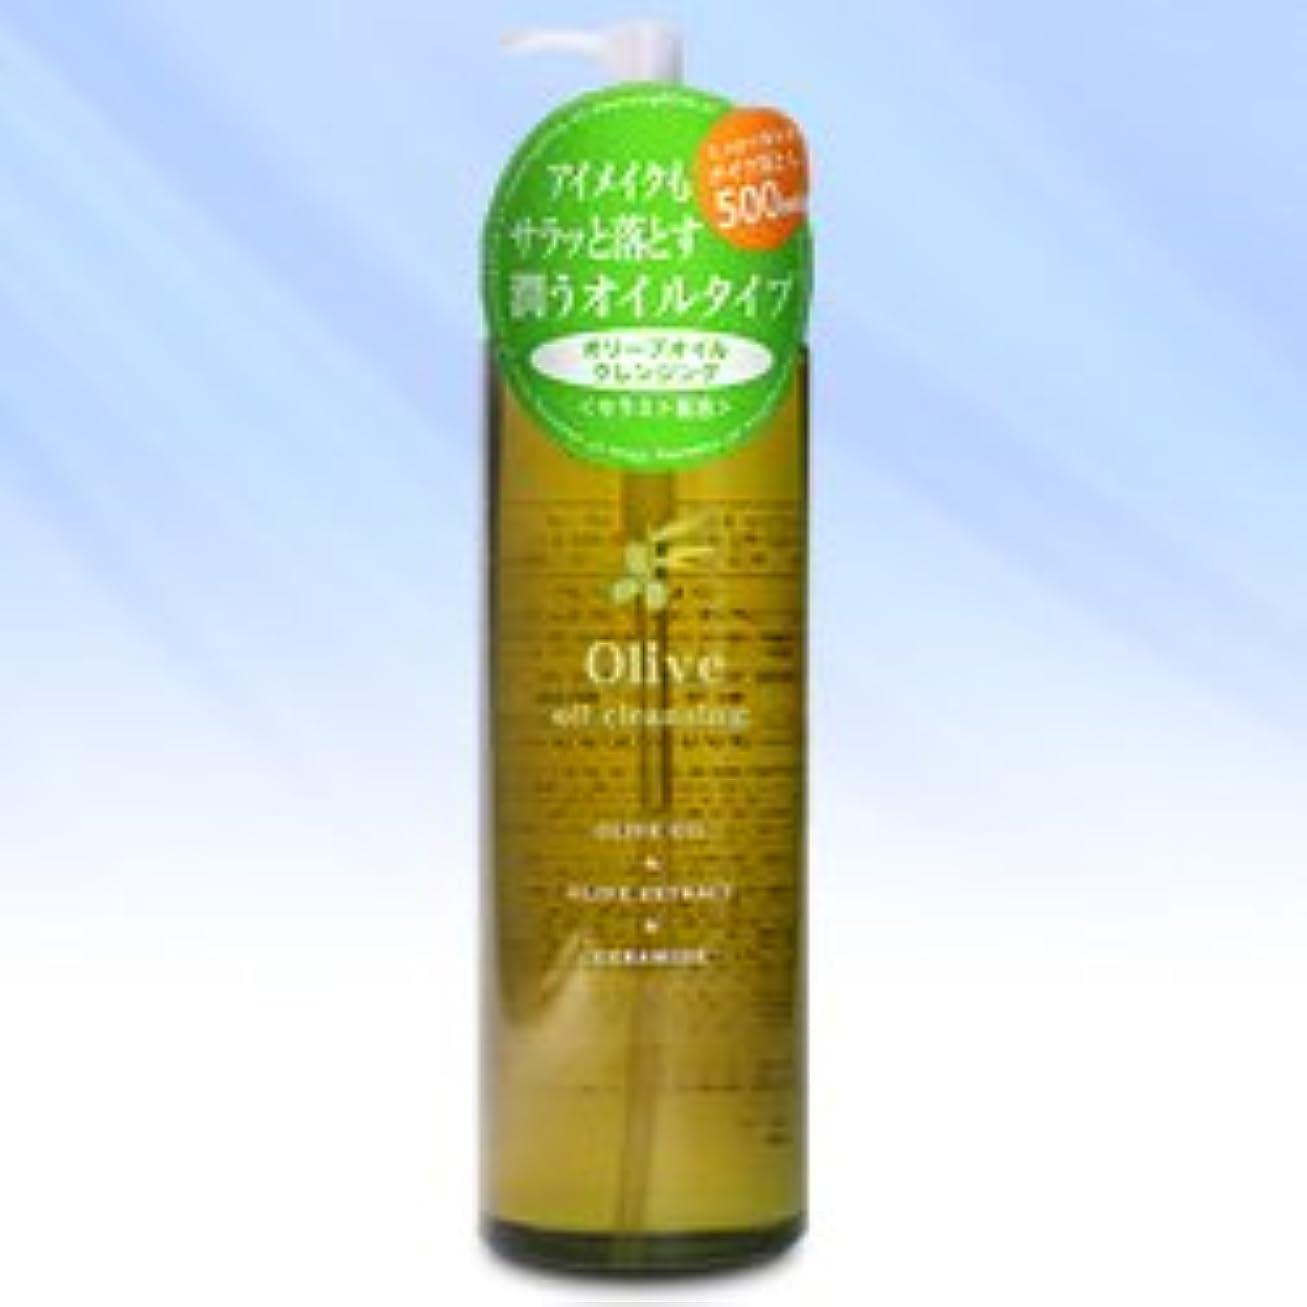 【クレンジア】オリーブオイル クレンジング(セラミド配合) 500ml ×3個セット